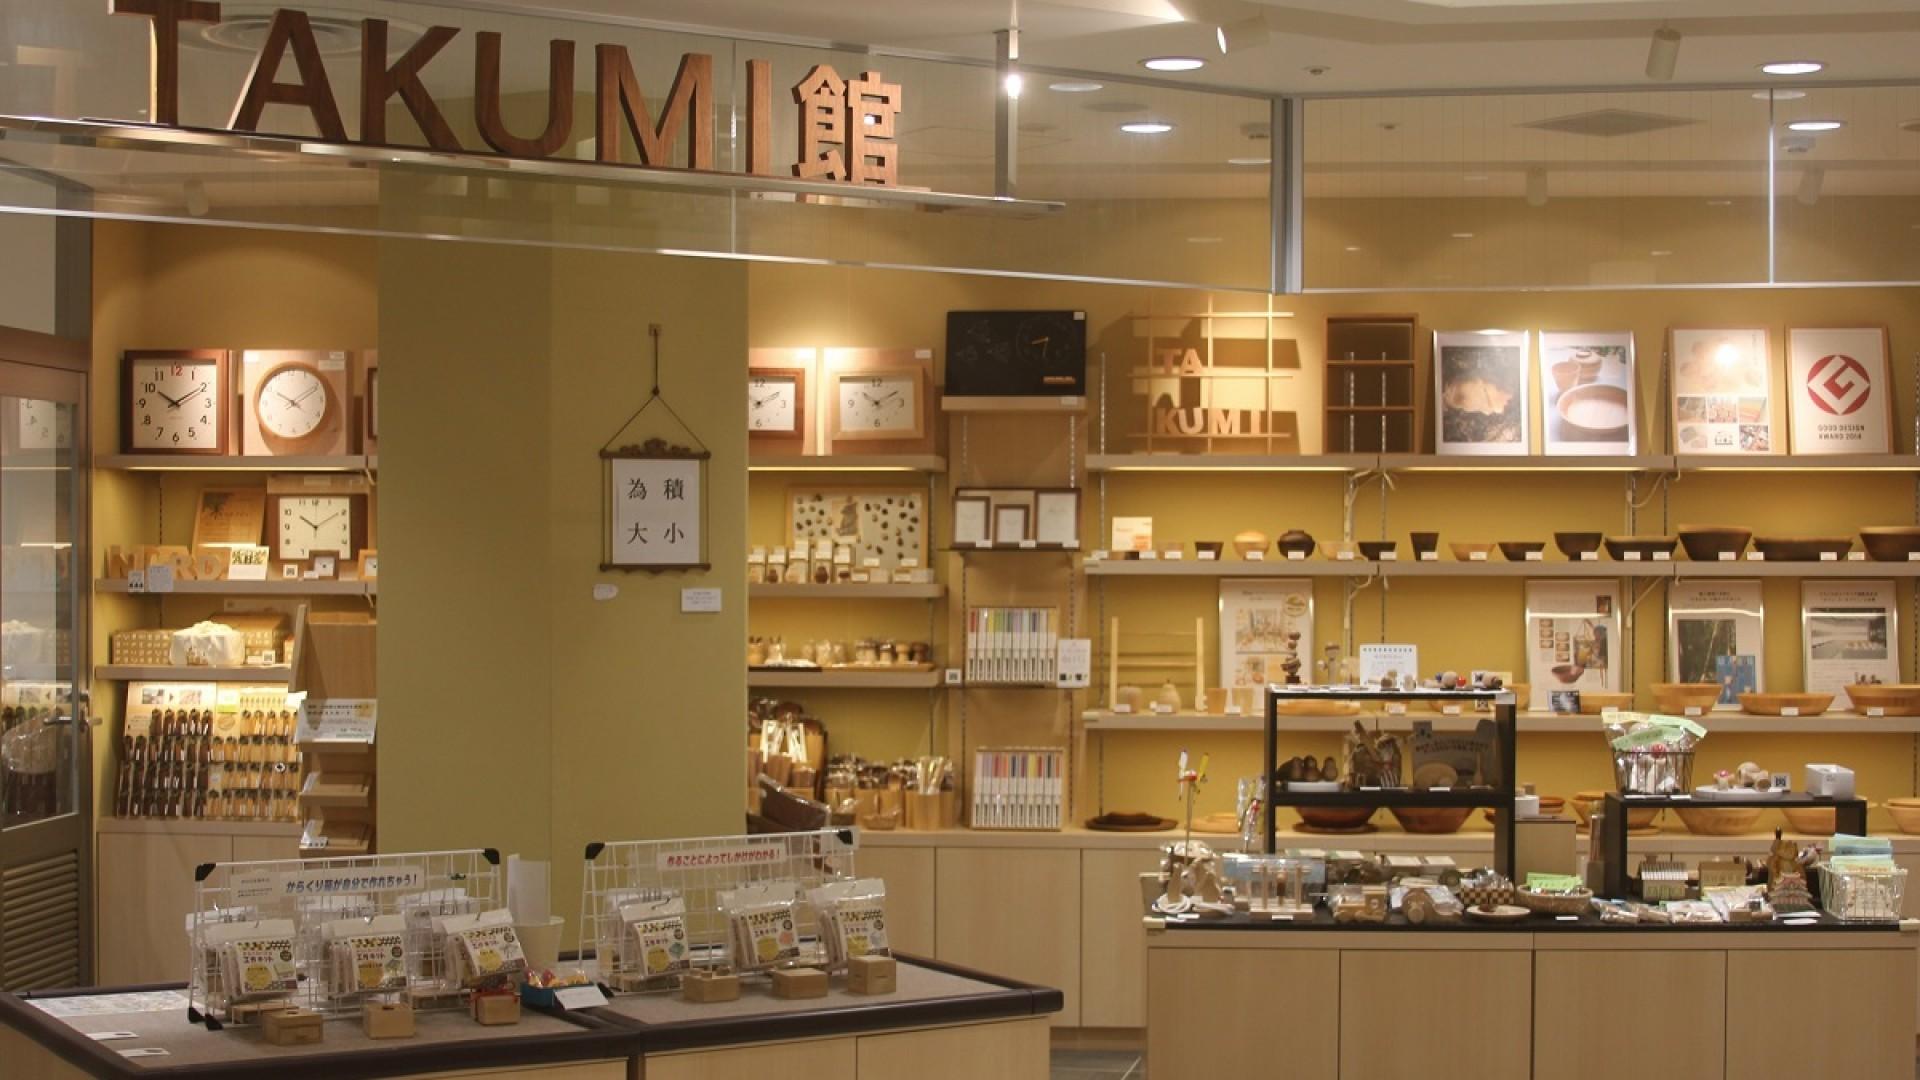 Takumi-kan (Craftsman shop)